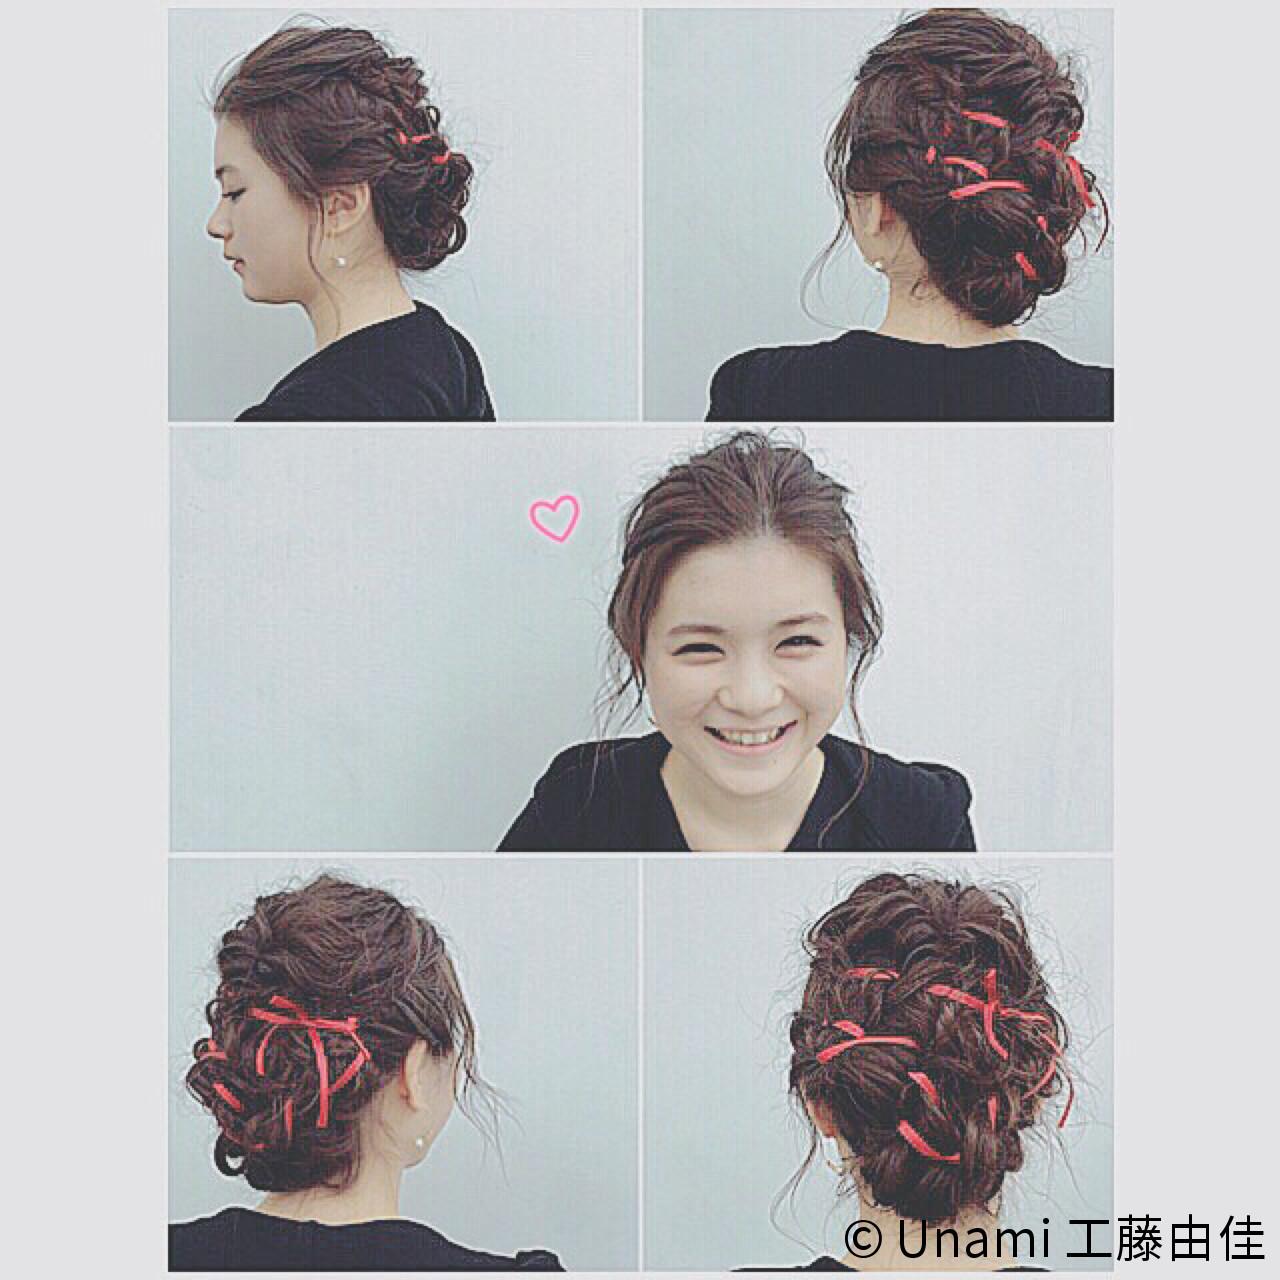 二次会 セミロング フェミニン ヘアアレンジ ヘアスタイルや髪型の写真・画像